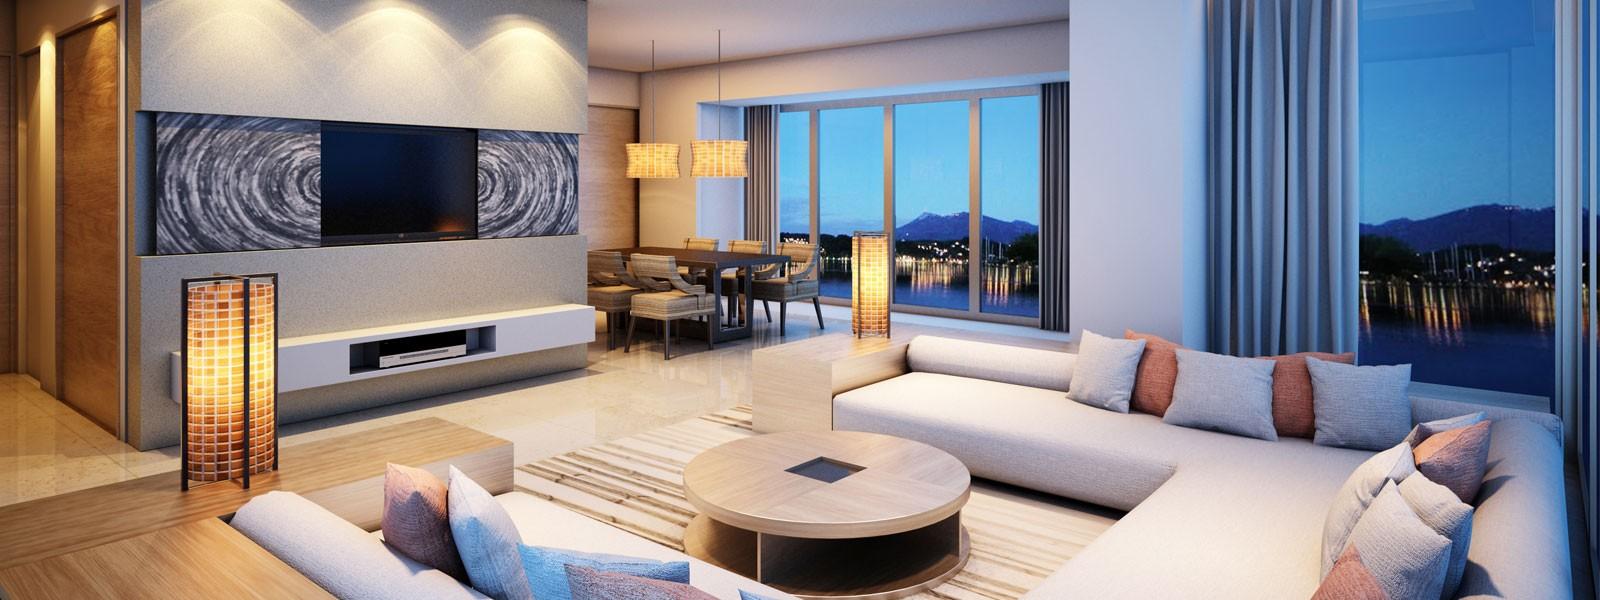 image of contemporary condo living room